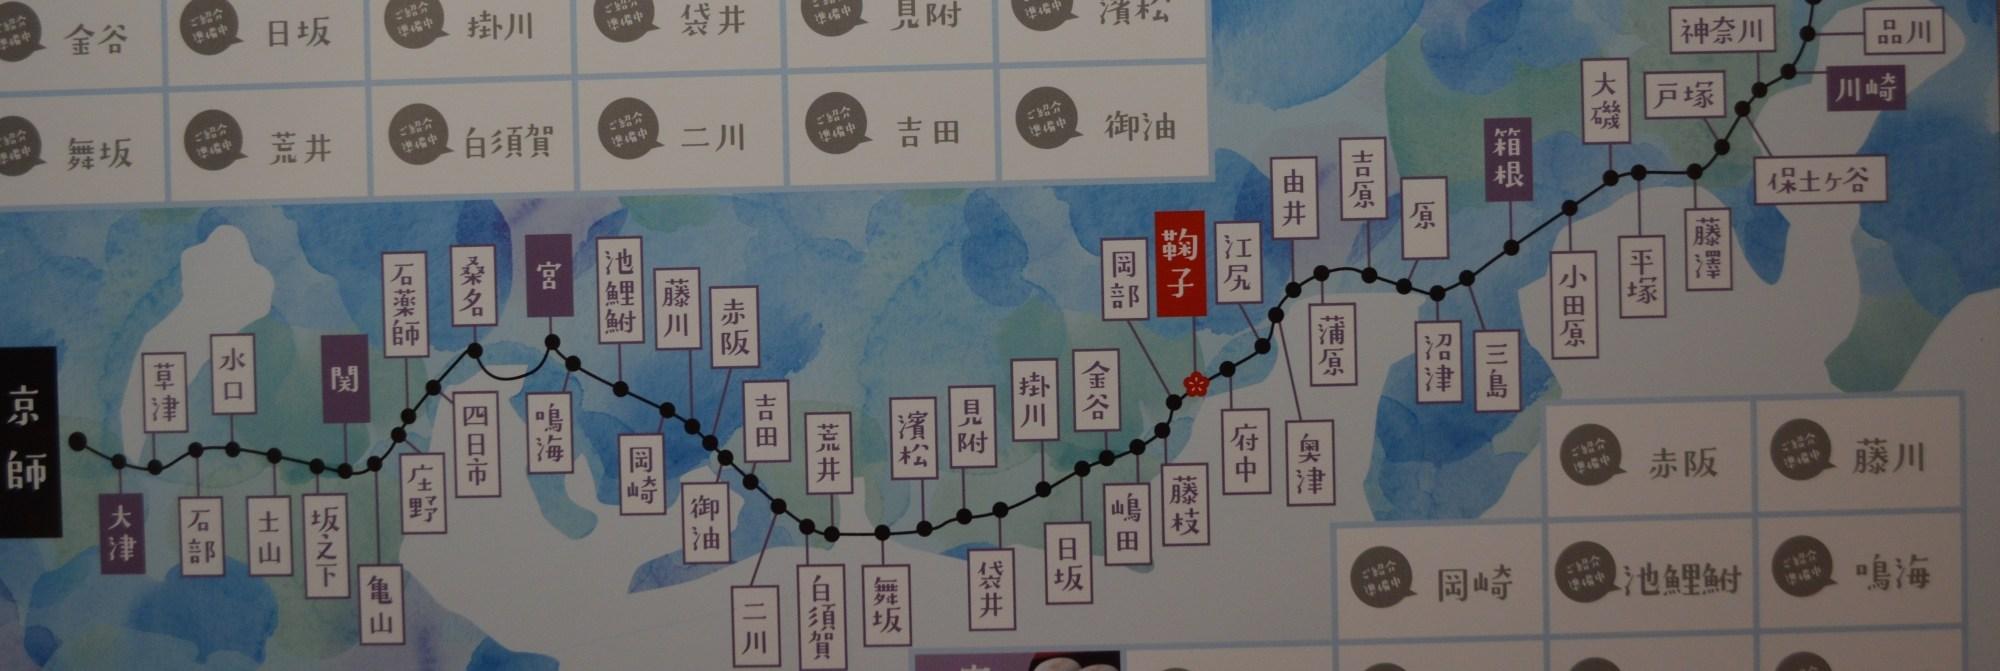 Tokaido map